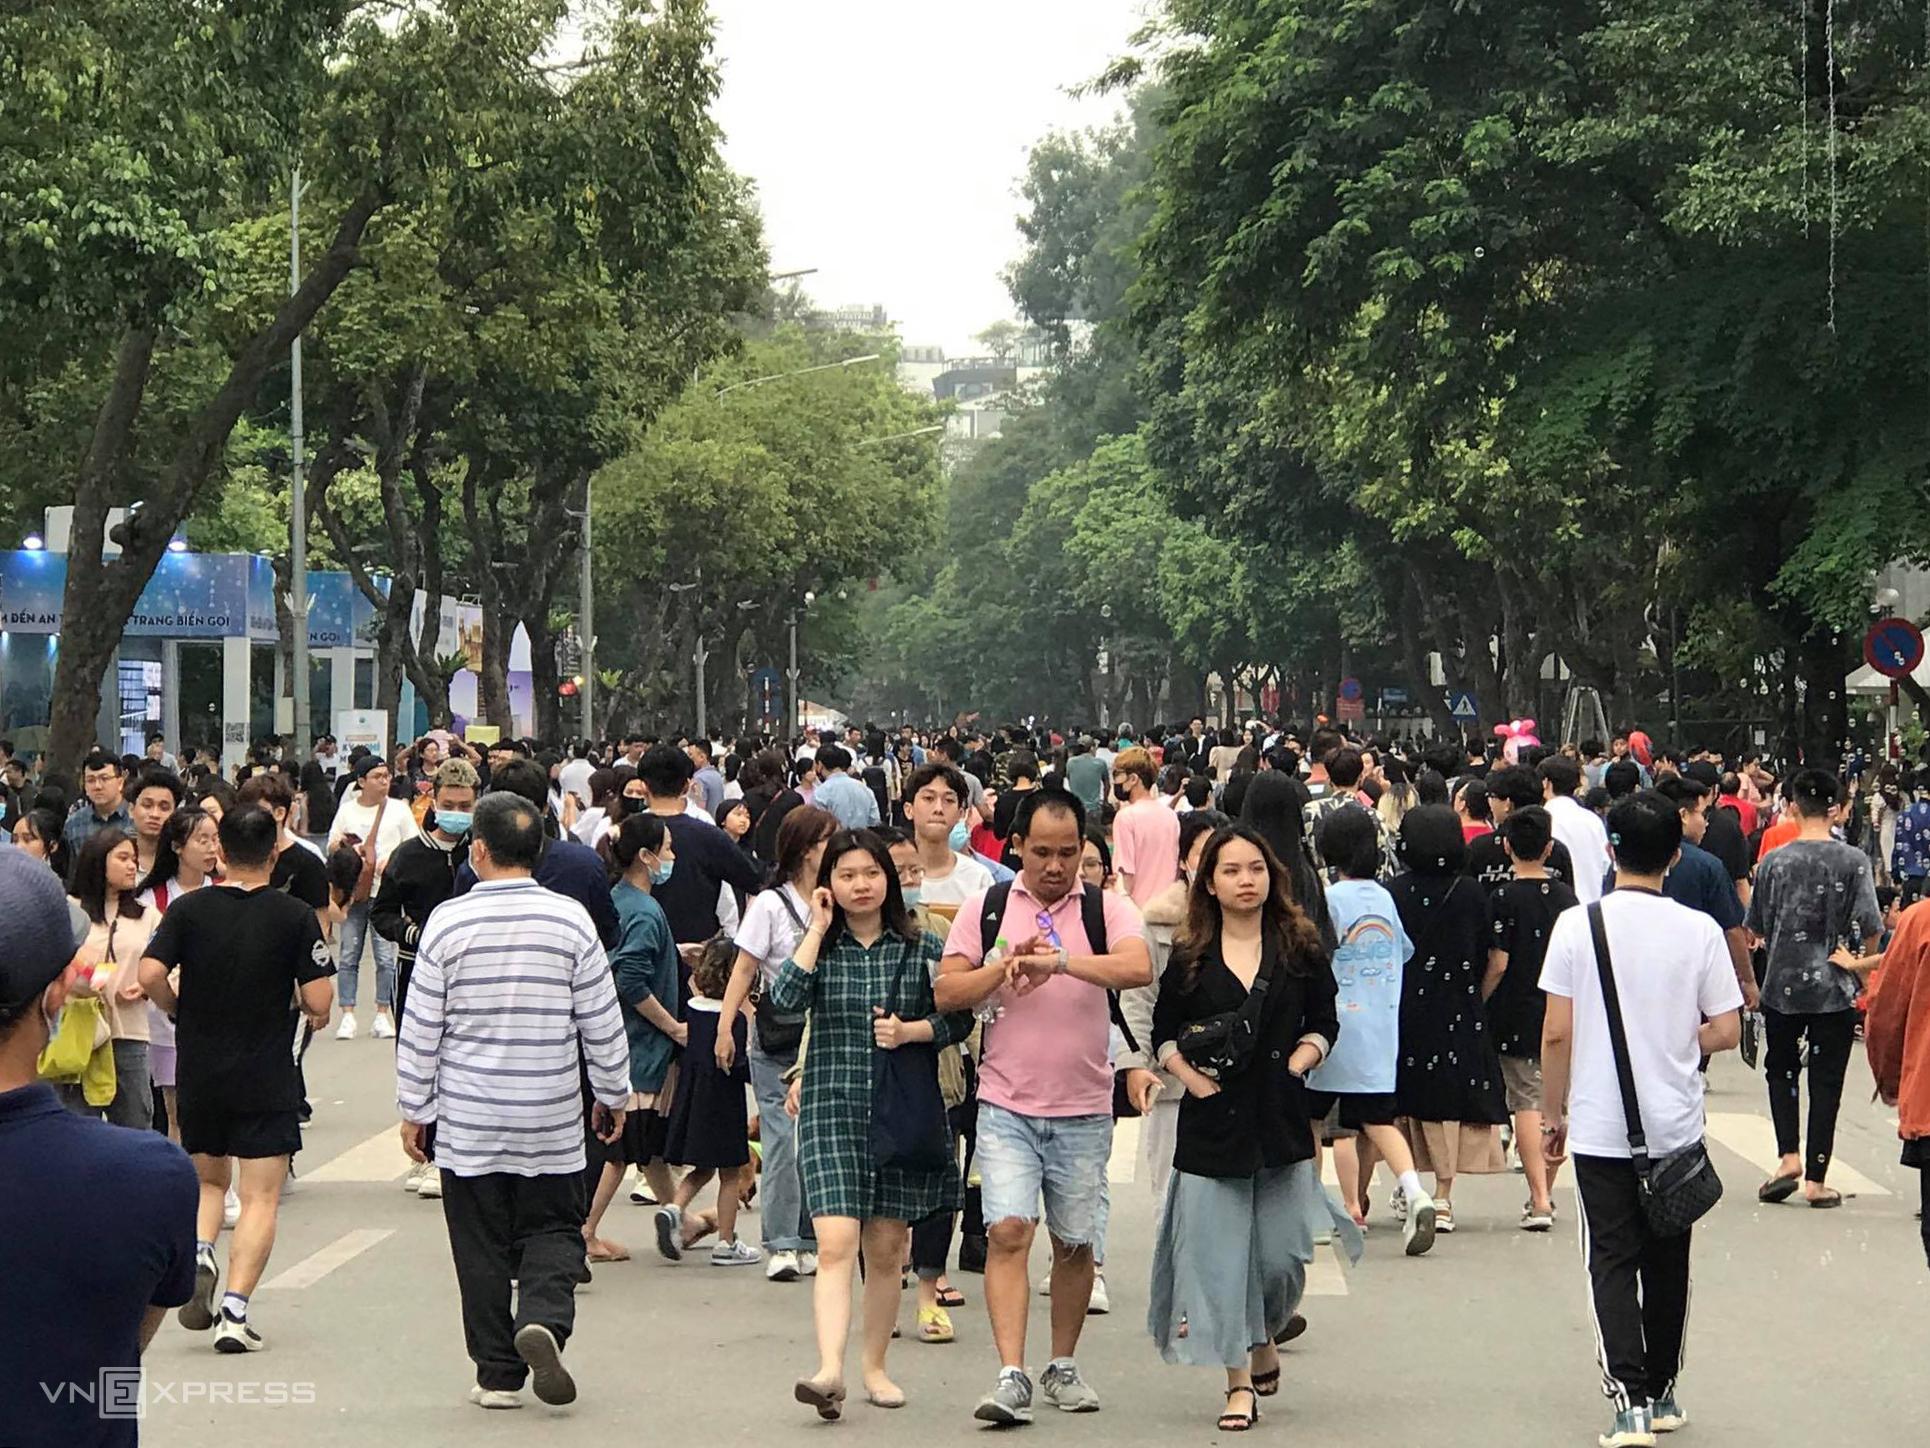 Lễ hội thu hút hàng chục nghìn du khách trong ngày cuối. Ảnh: V.H.